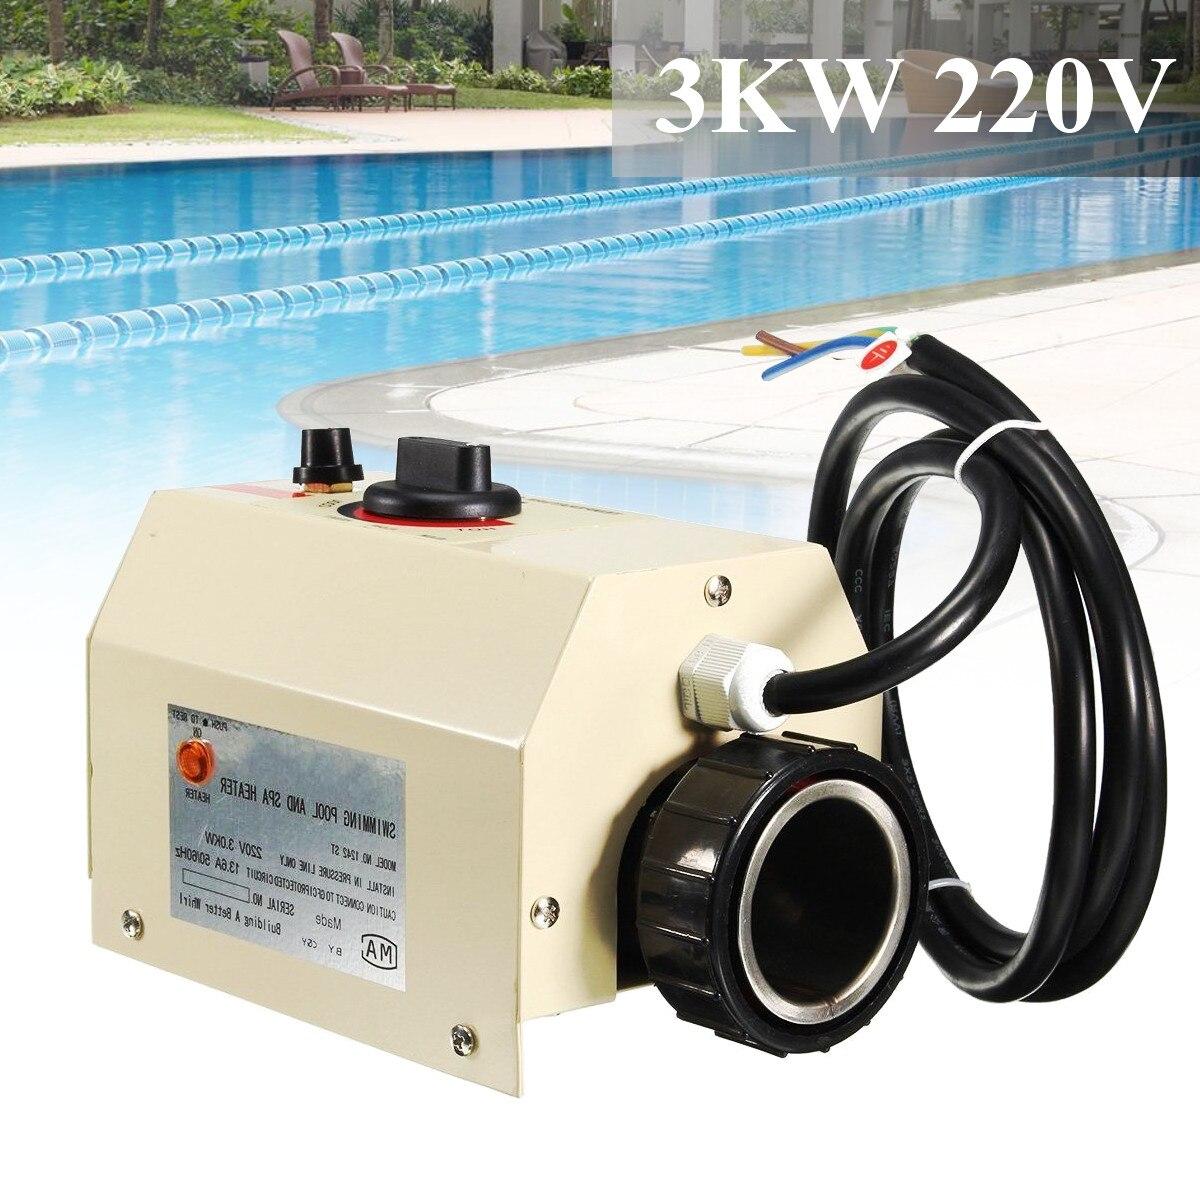 3000 W piscine maison bain SPA bain chaud chauffage baignoire électrique chauffe-eau Thermostat 220 V piscine accessoires